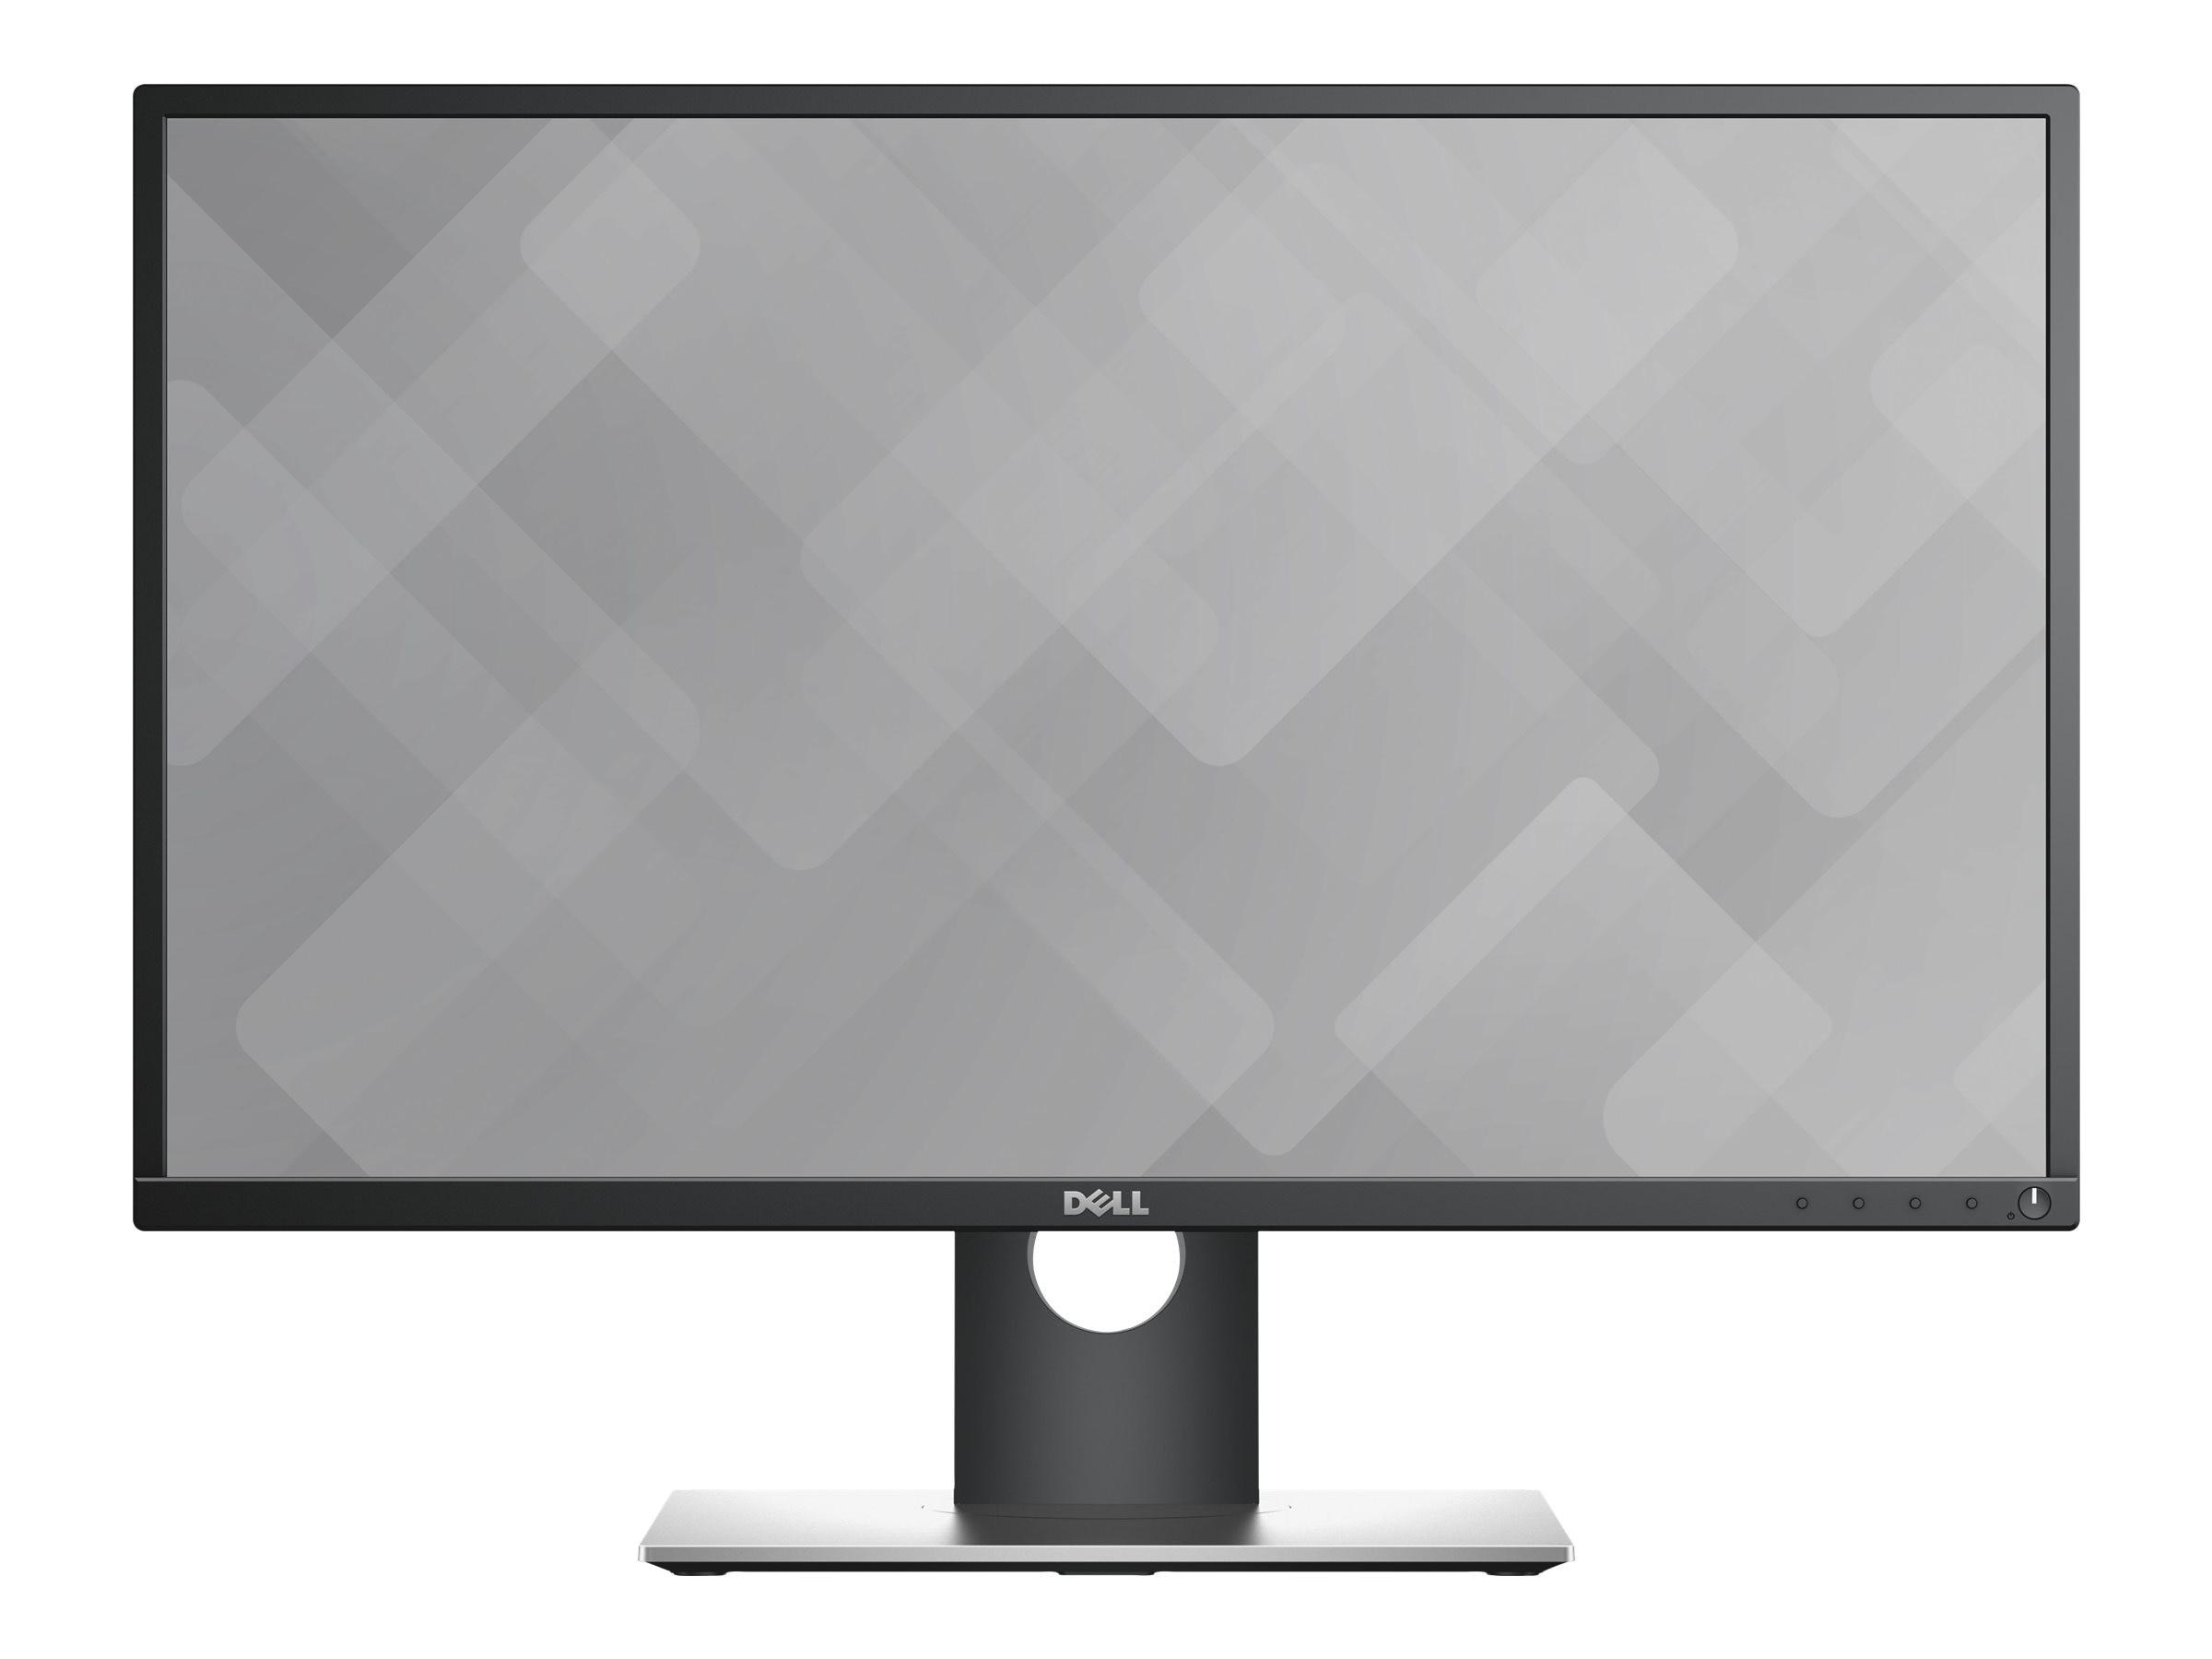 Dell P2217 Image 2